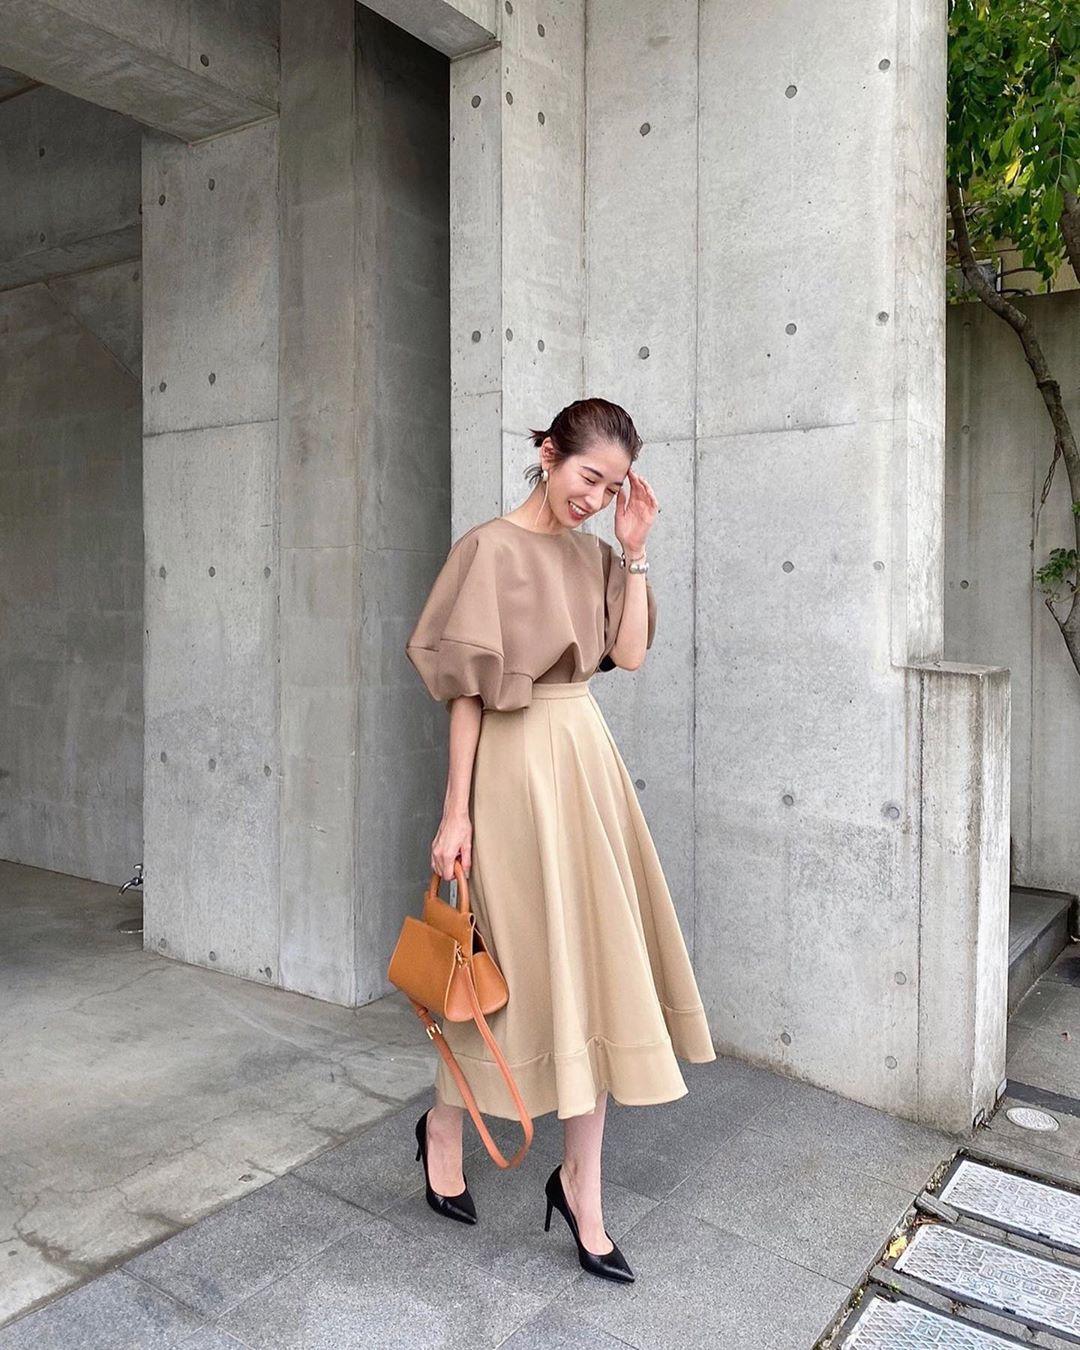 Nàng công sở Nhật chỉ cao 1m58 vẫn mặc đẹp hack dáng khiến đồng nghiệp phải khen ngợi - Ảnh 10.